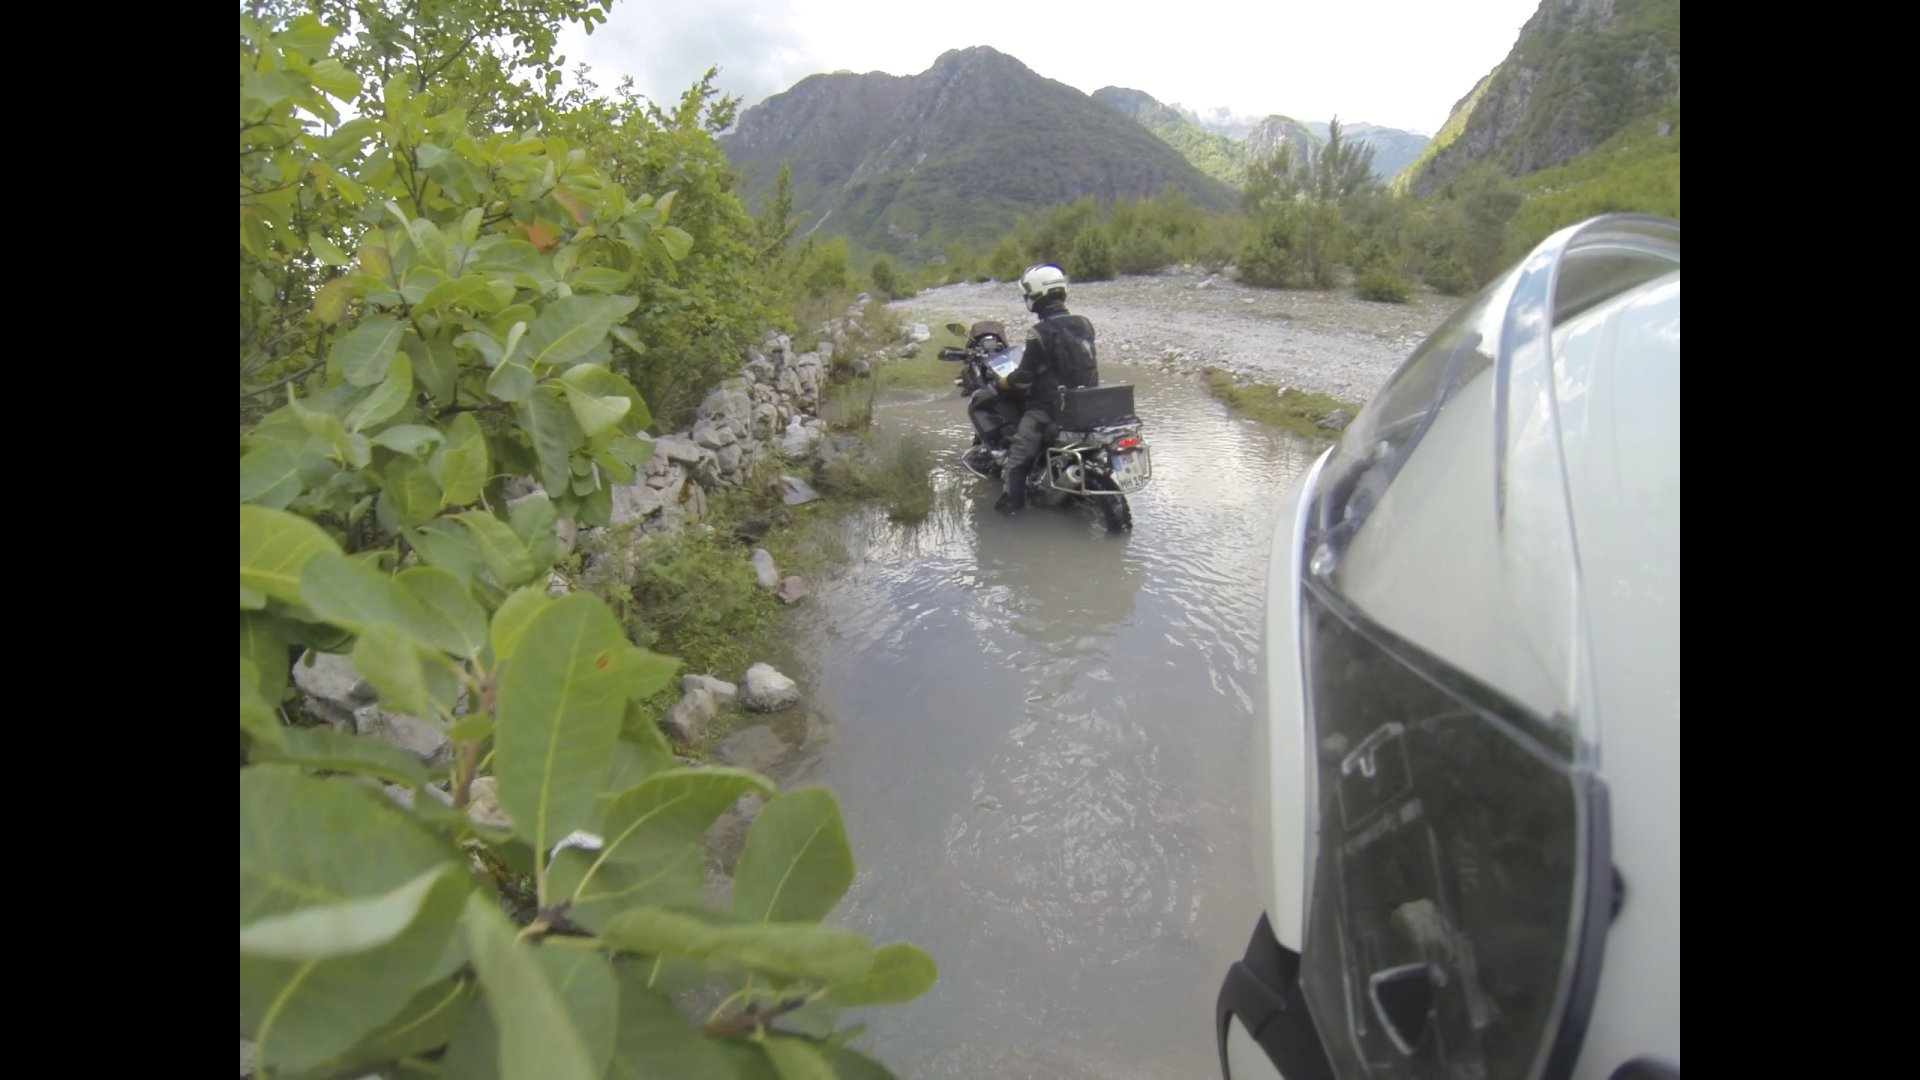 theth-auf-einmal-mein-motorrad-unterwasser.jpg